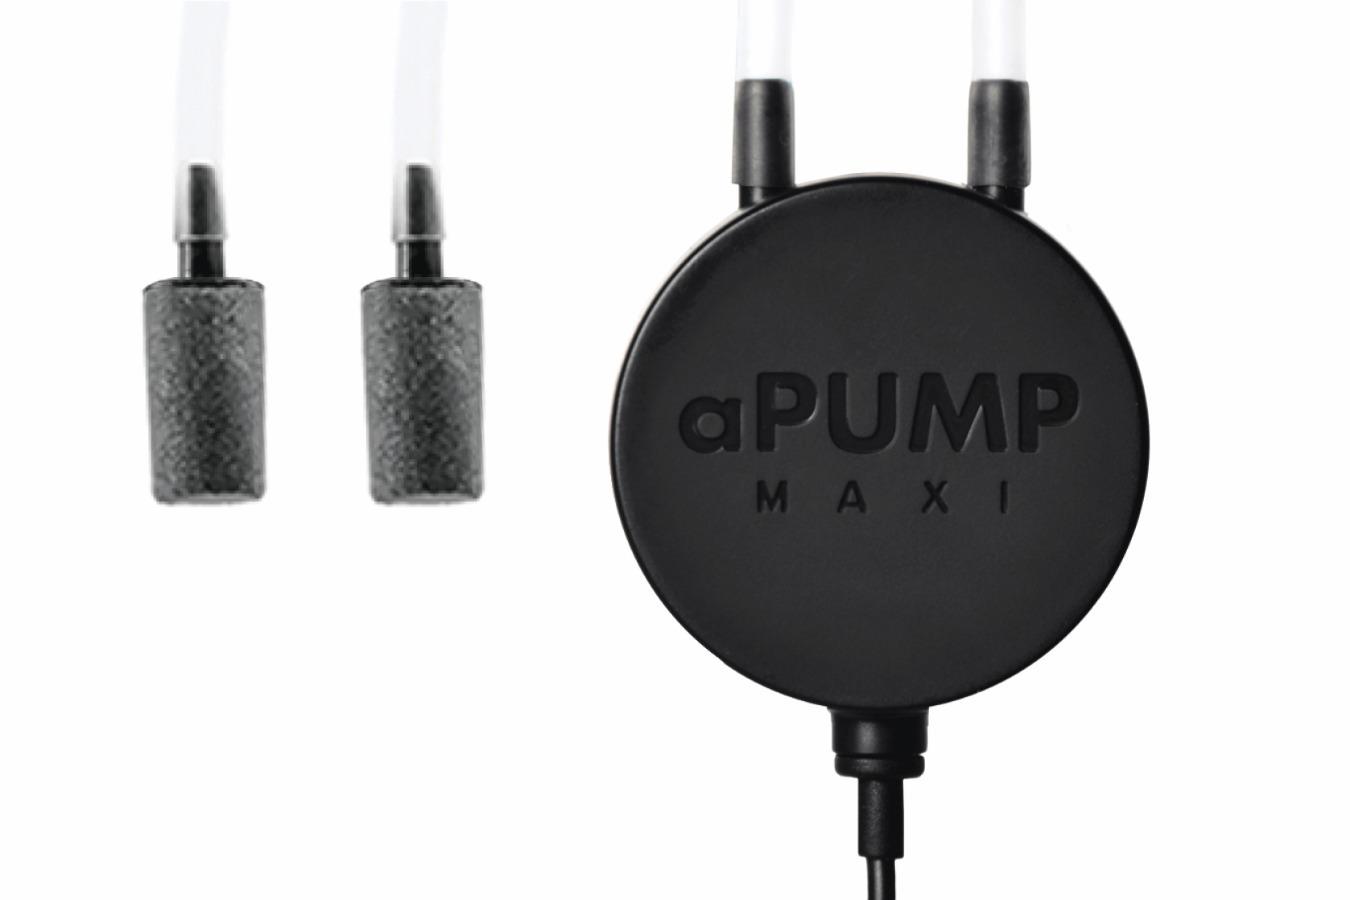 Аквариумный компрессор aPUMP MAXI для аквариумов  объемом до 200л